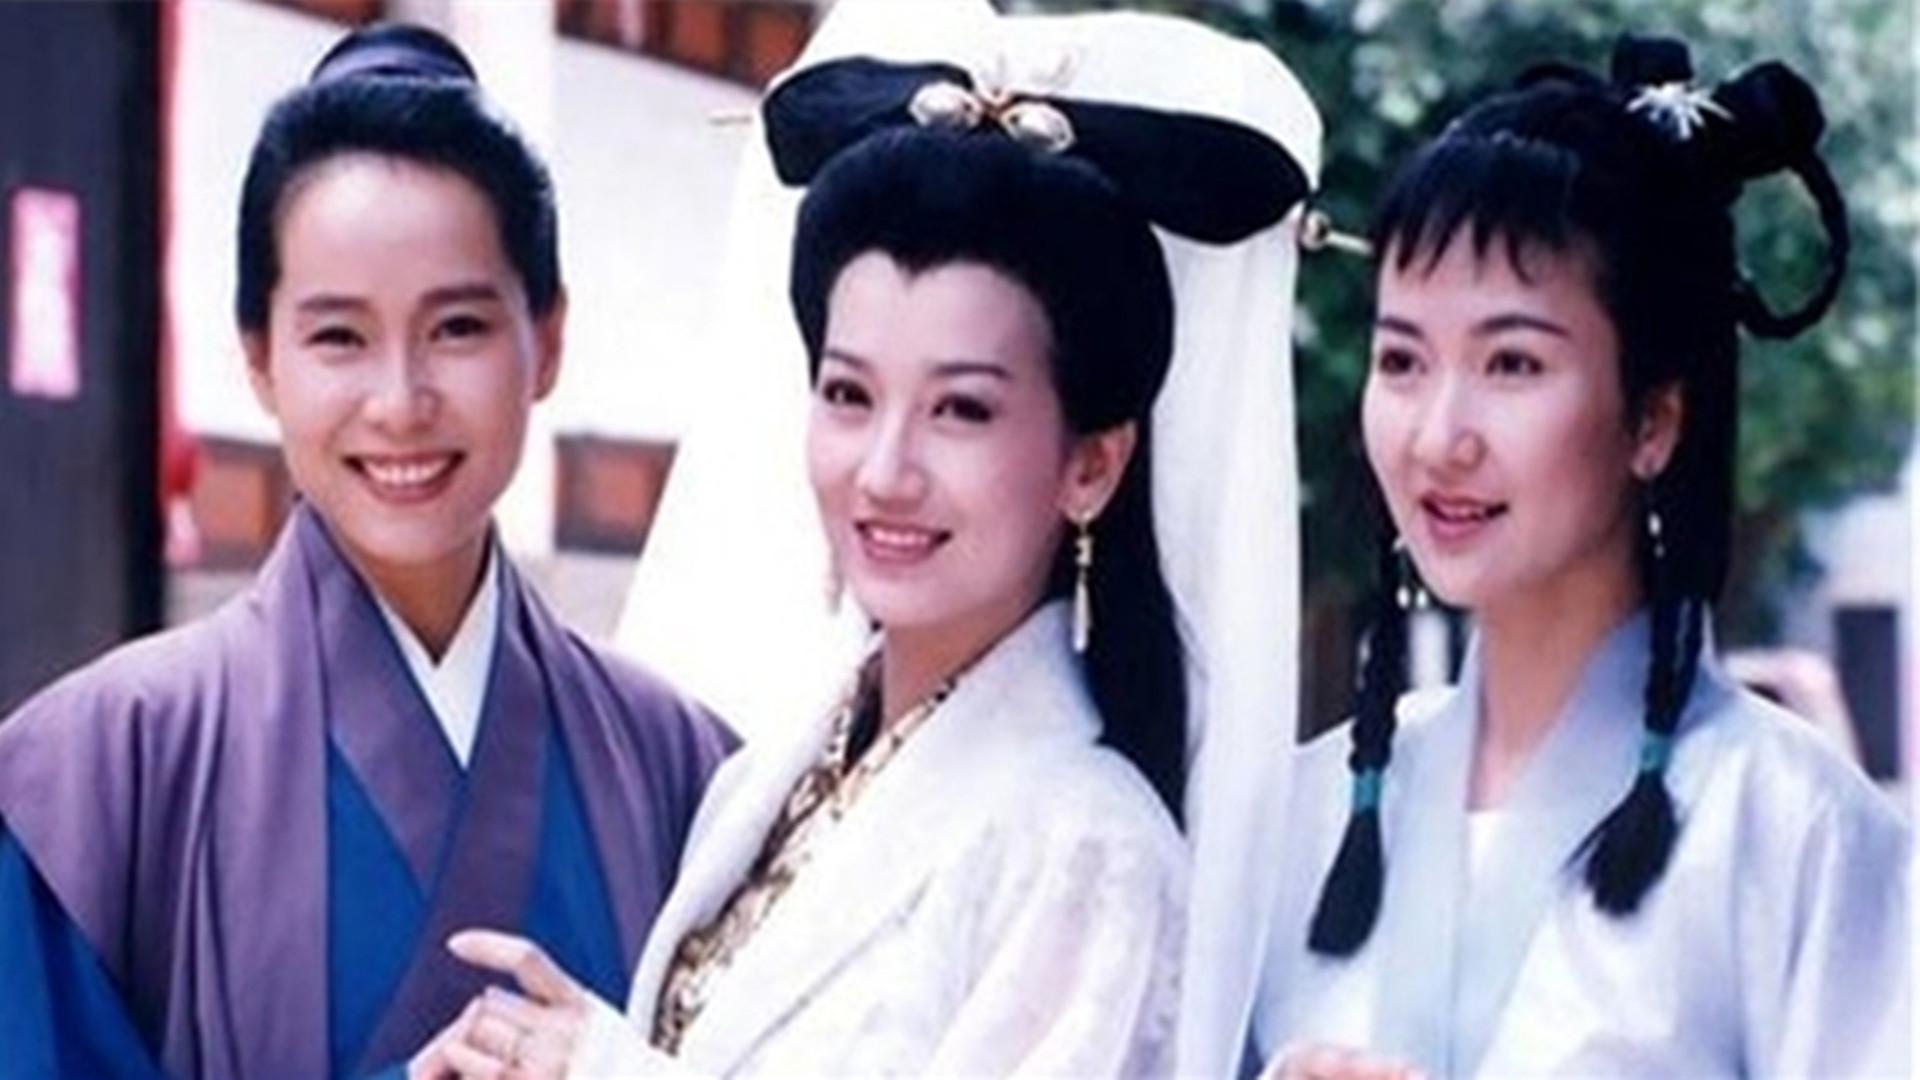 盘点饰演白素贞女演员,除了赵雅芝,这部你绝对想不到